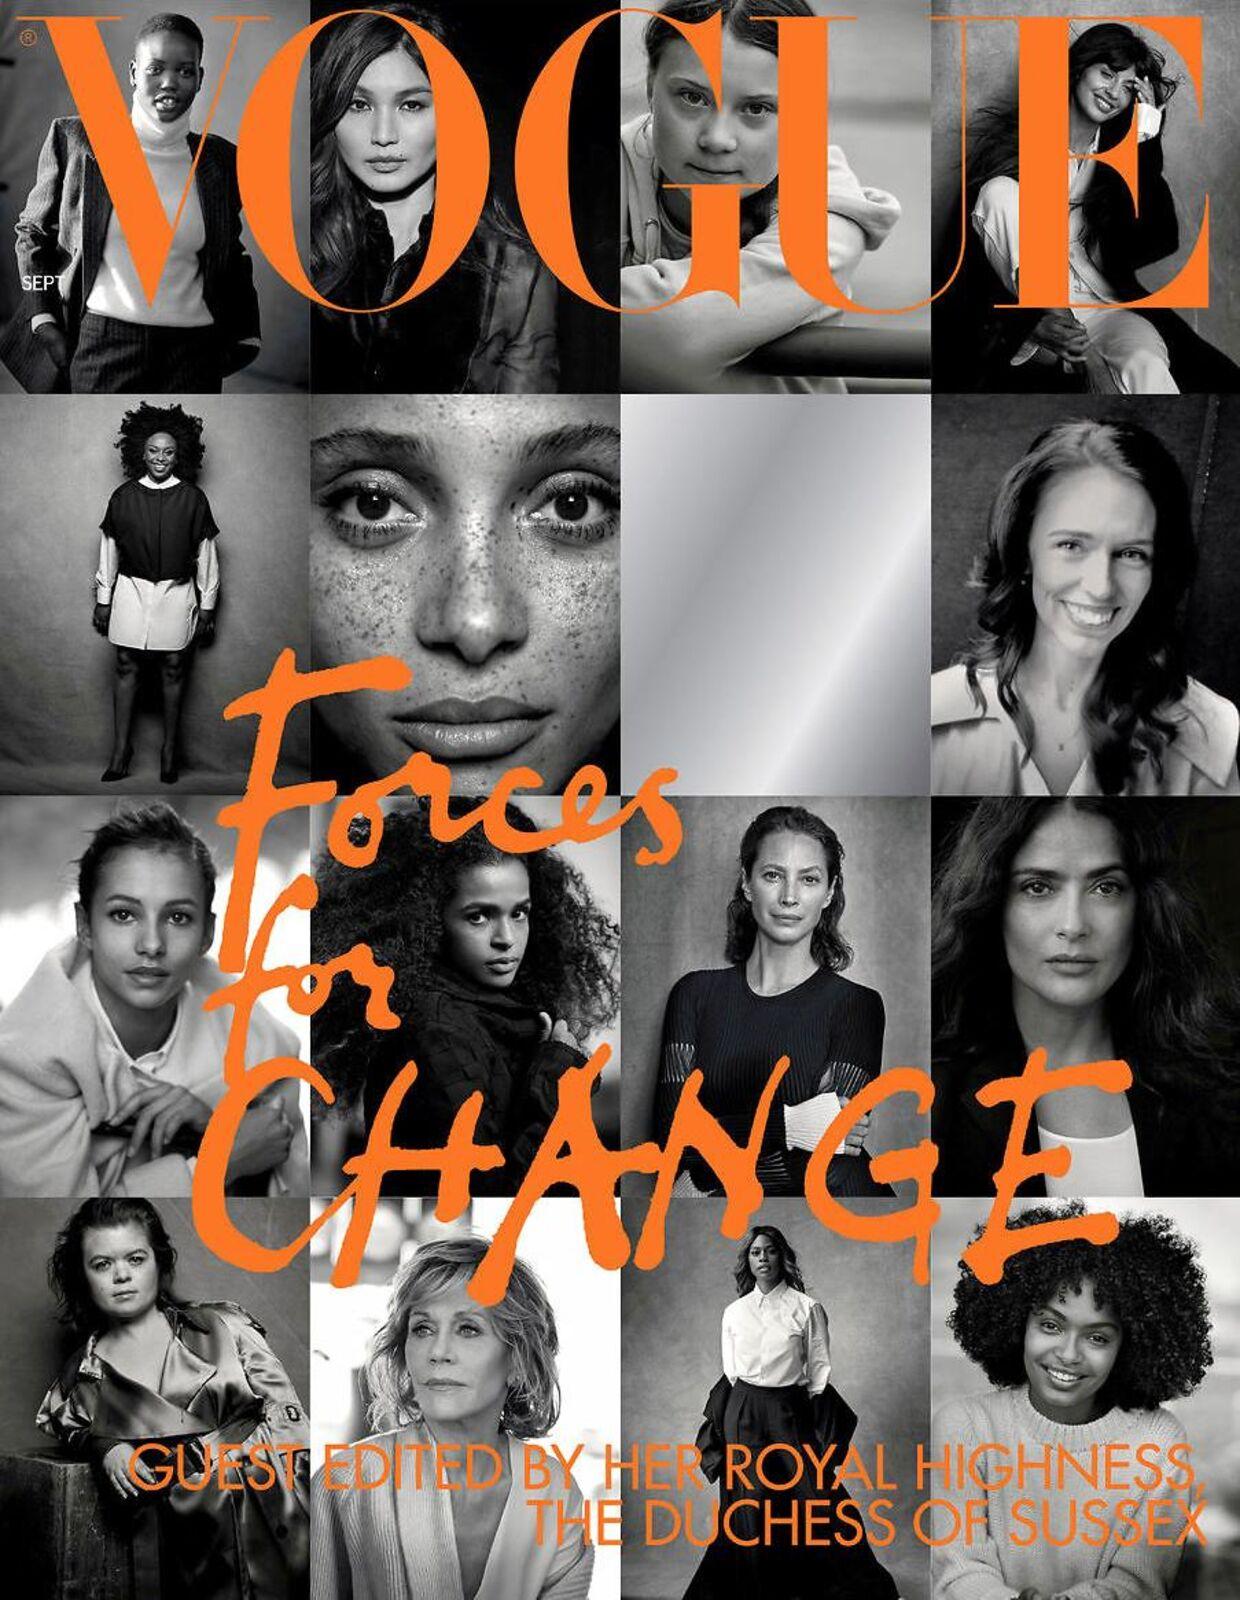 Forsiden af Vogues september-udgave, som hertuinde Meghan har været gæsteredaktør på. Hendes rolle har skabt stor debat om, hvorvidt hun forholder sig politisk neutralt, som det er foreskrevet de royale at gøre.